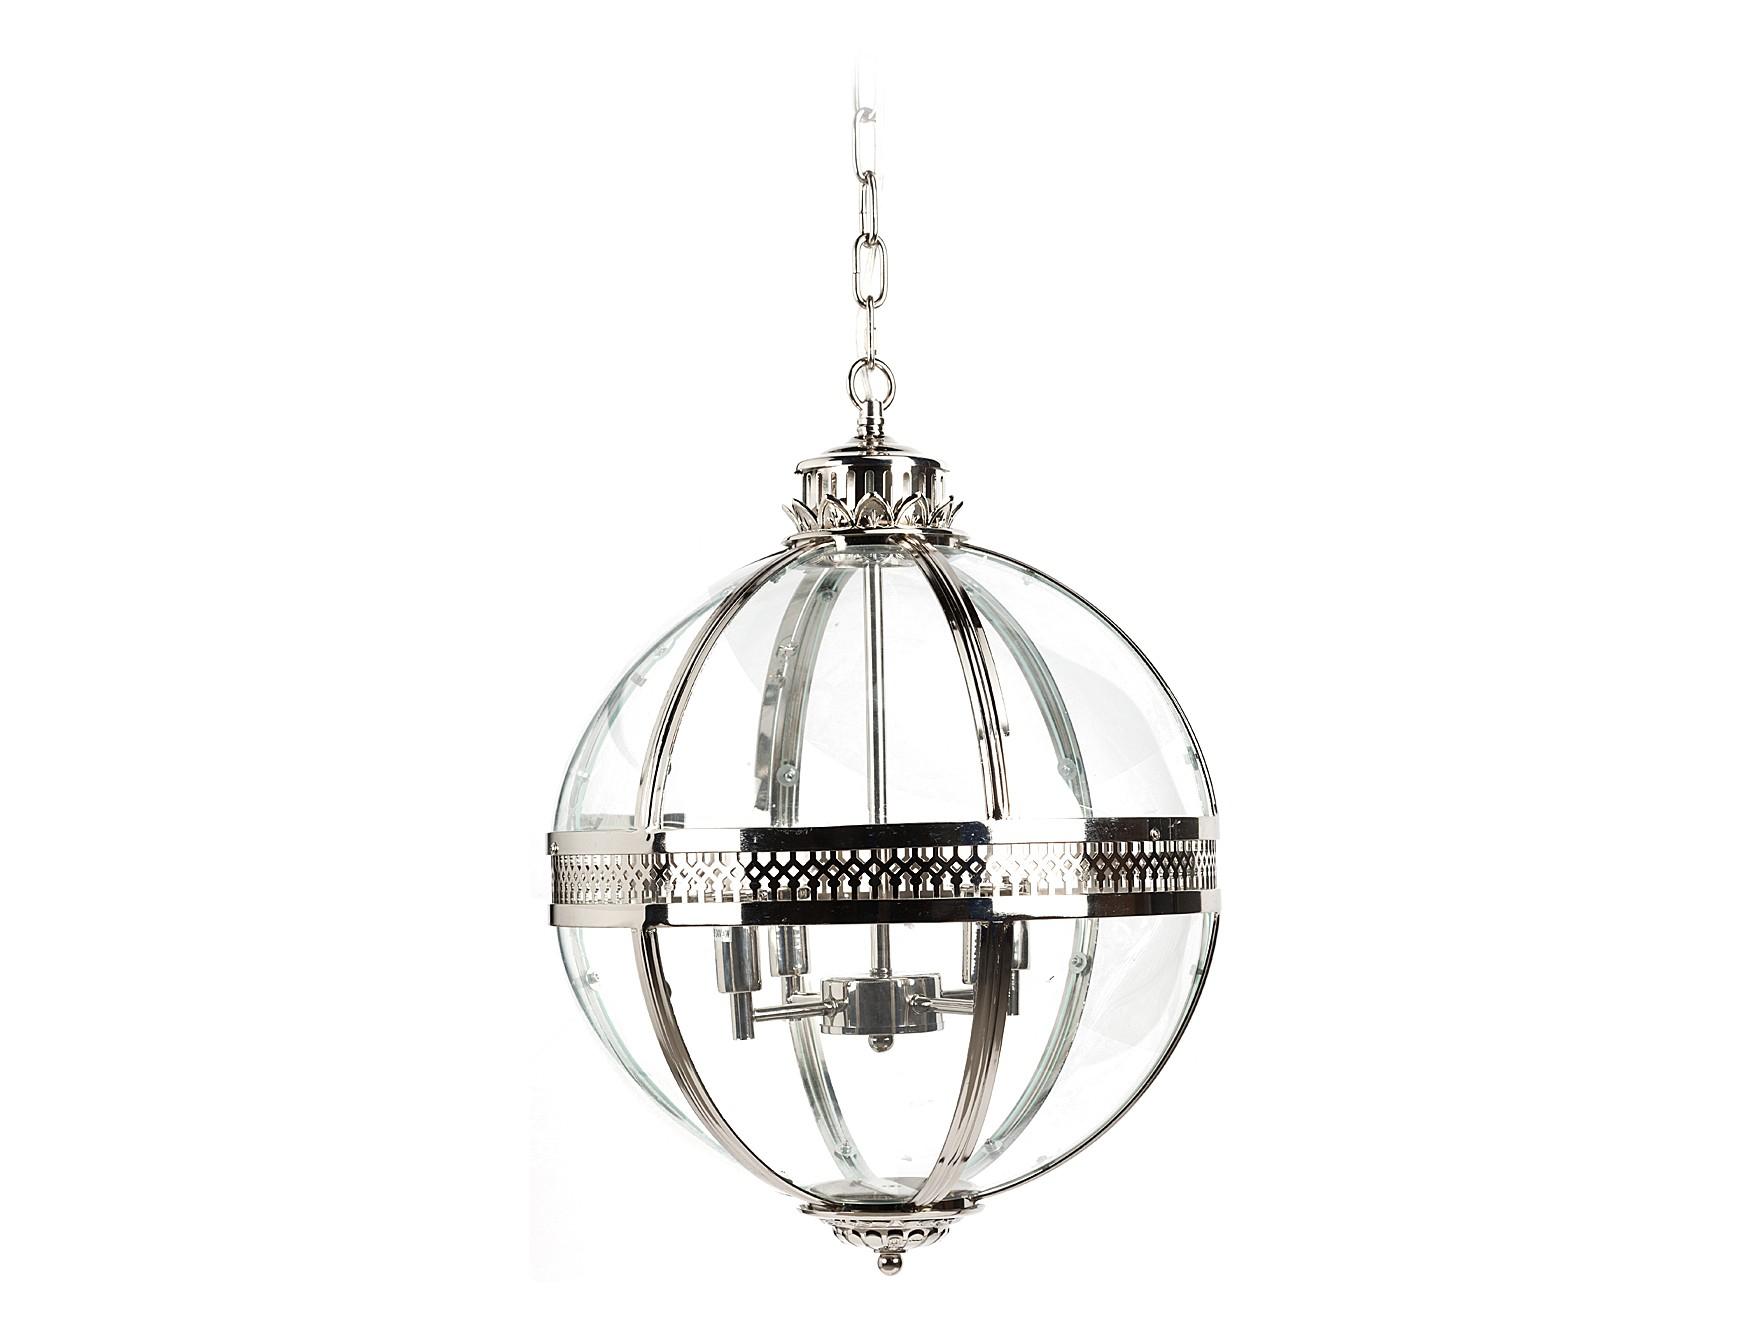 Люстра AdamsЛюстры подвесные<br>Предназначена для использования со светодиодными лампами, лампы не включены в комплект.&amp;lt;br&amp;gt;&amp;lt;br&amp;gt;&amp;lt;div&amp;gt;Вид цоколя: Е14&amp;lt;/div&amp;gt;&amp;lt;div&amp;gt;Мощность ламп: 40W&amp;lt;br&amp;gt;Количество ламп: 4&amp;lt;/div&amp;gt;<br><br>Material: Стекло<br>Height см: 63<br>Diameter см: 43